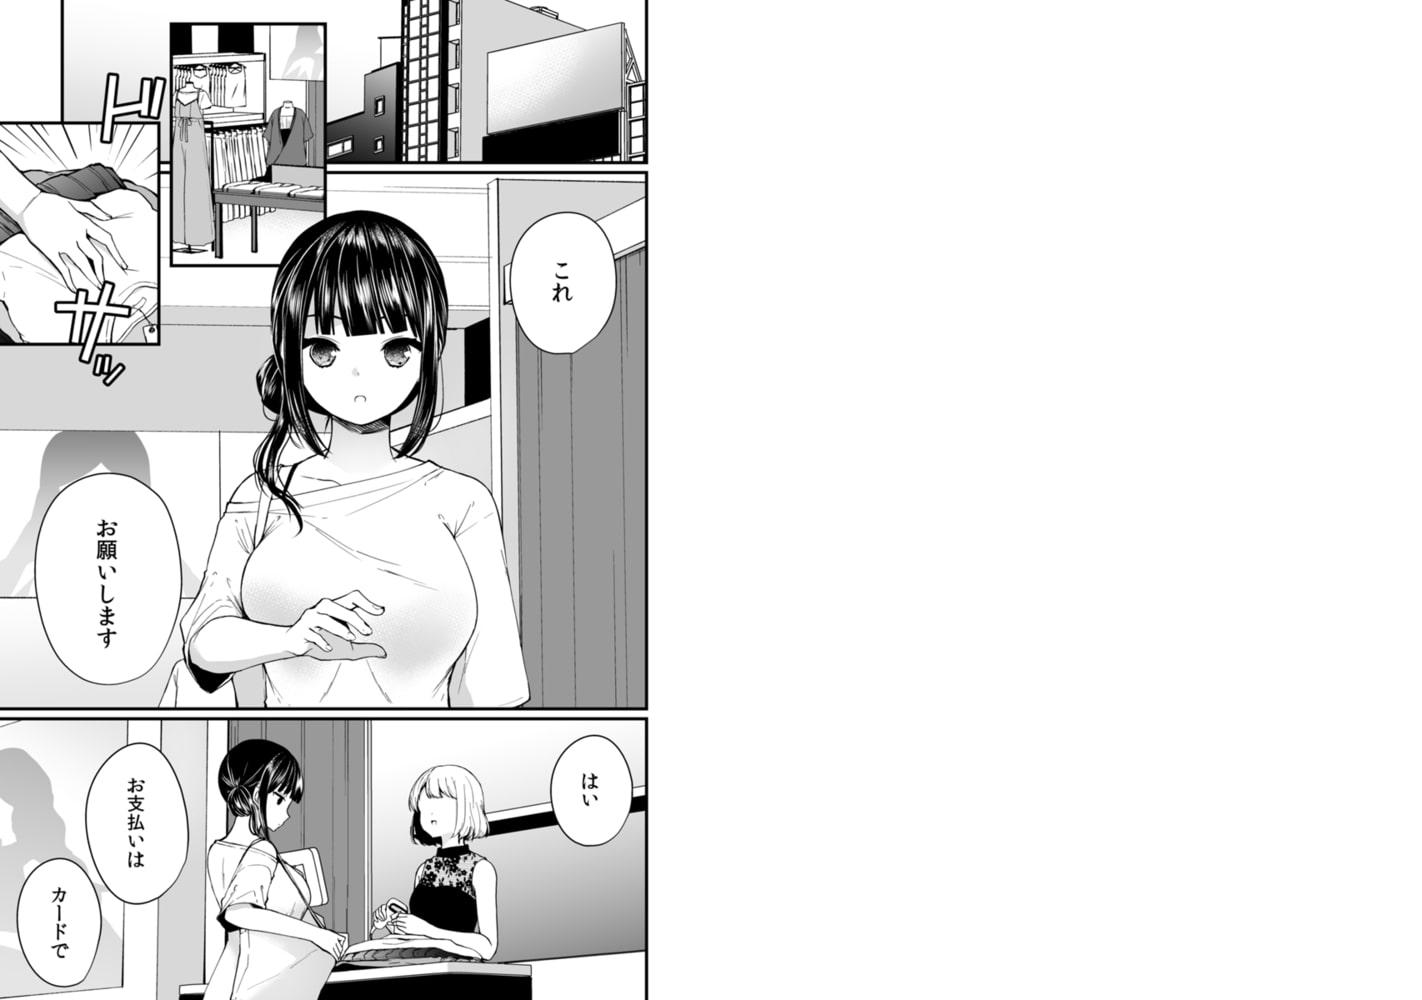 BJ233970 [20200320]「イカされすぎて調査ムリぃ…」潜入噂の快感マッサージ店 4